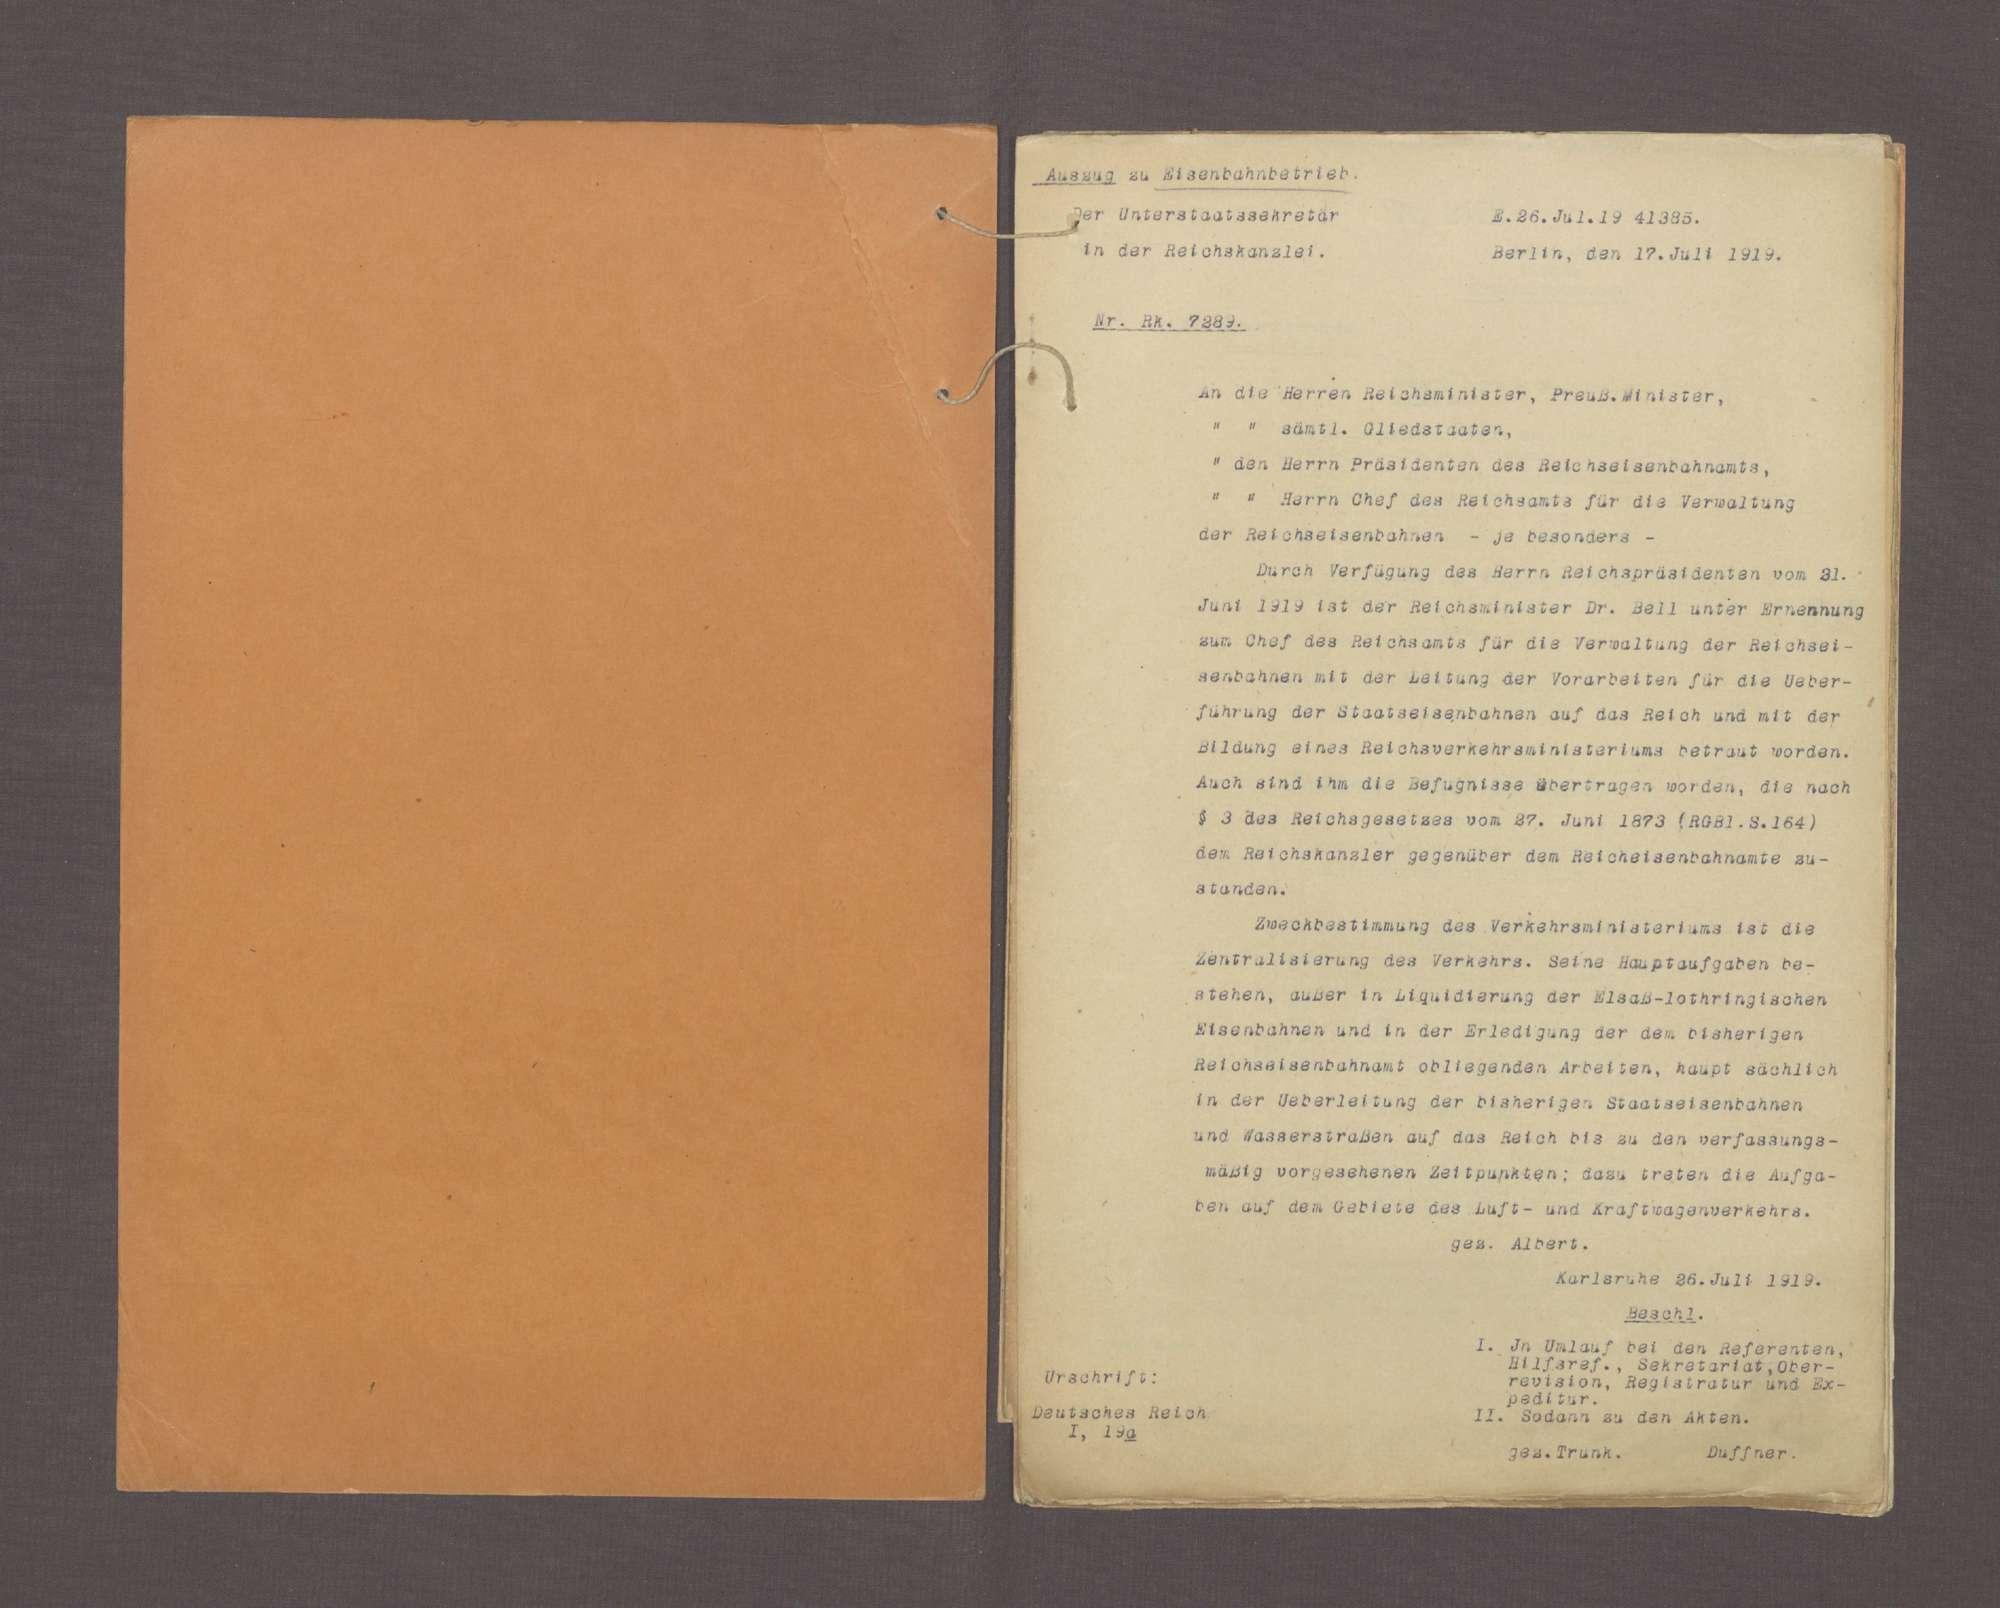 Übergang der Staatseisenbahnen auf das Reich (Normalia), Bild 2